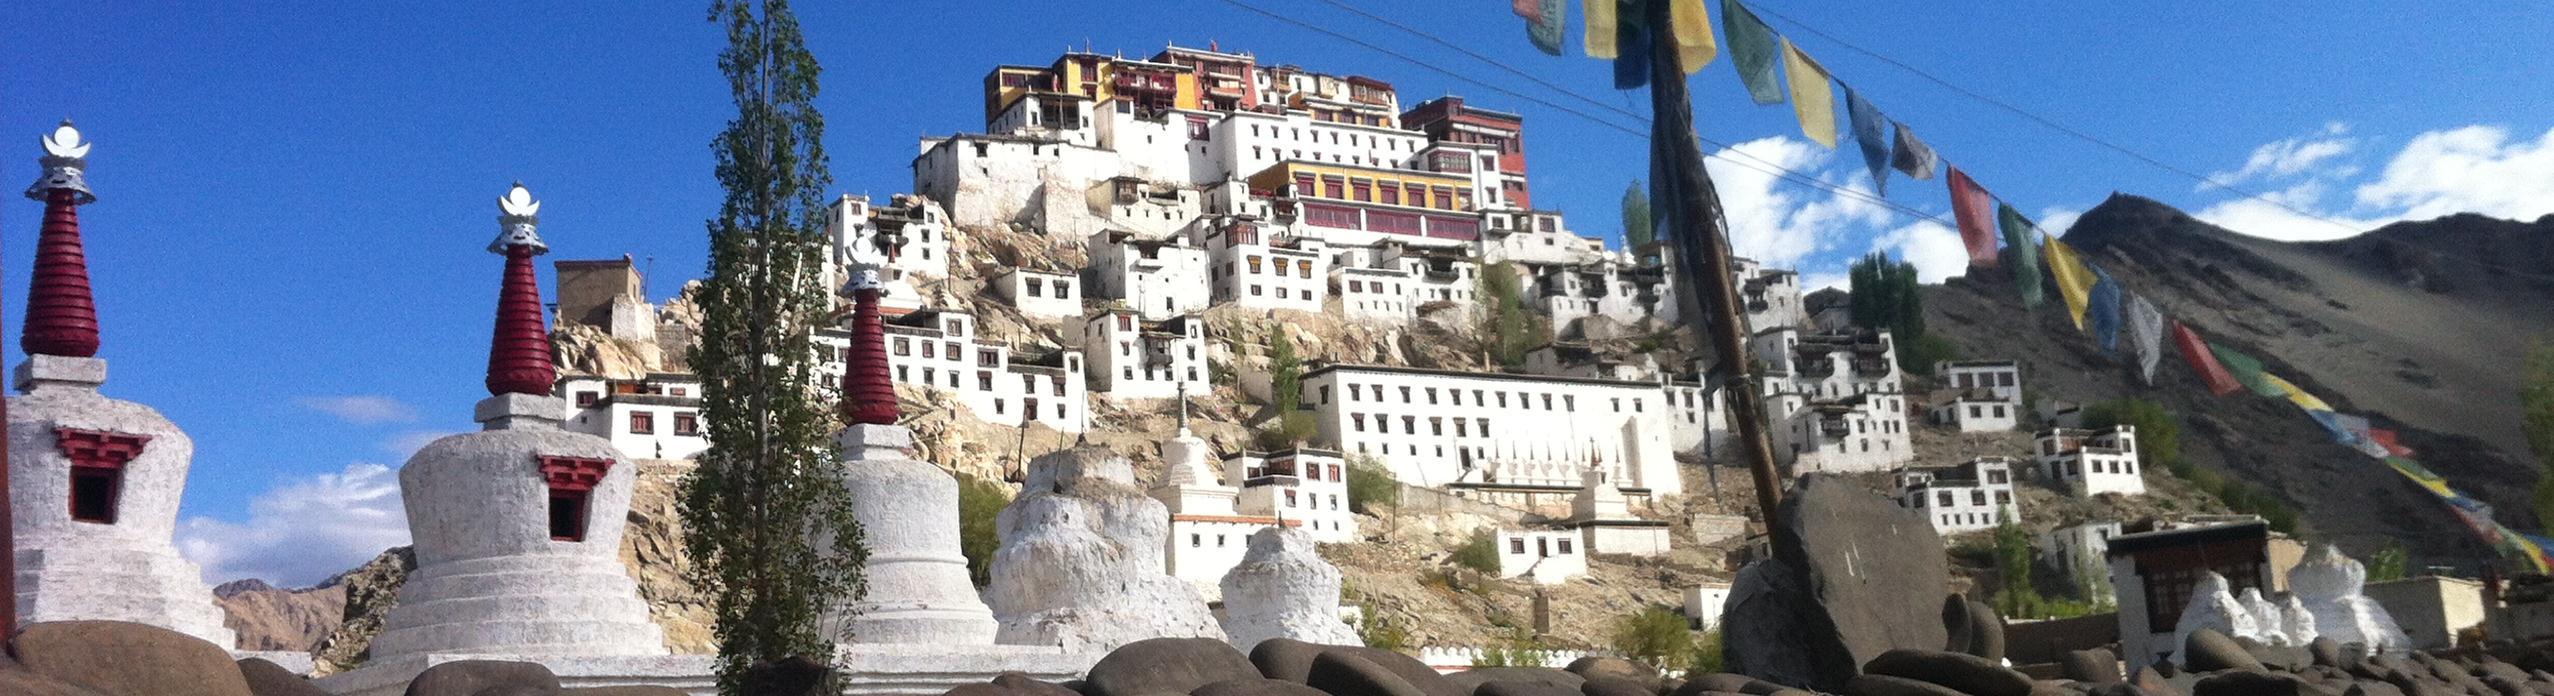 Ladakh Monastery Jeep Safari Tour